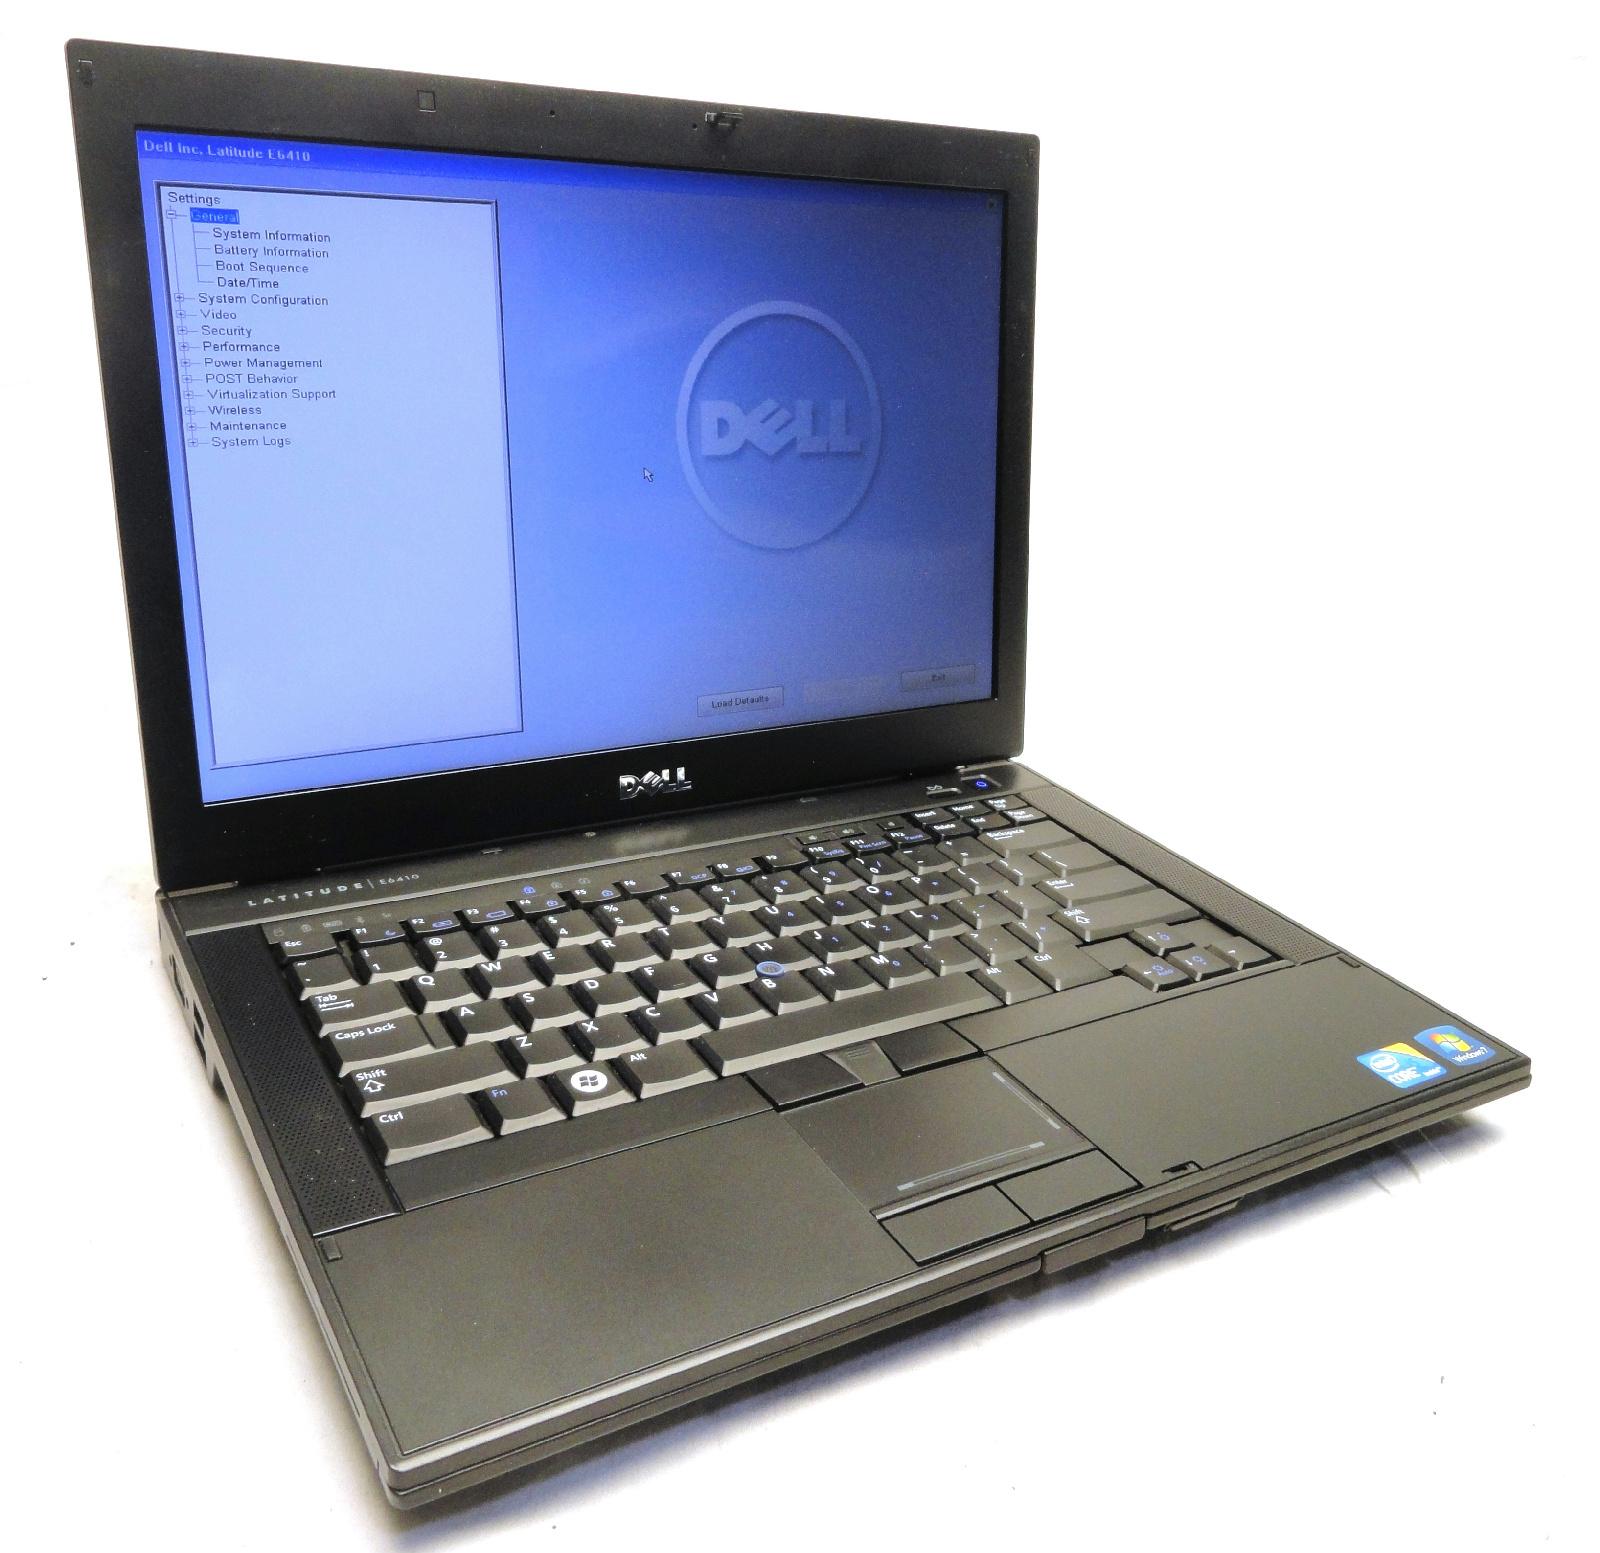 Dell e6410 drivers dvd : Windows movie maker 2 6 para vista